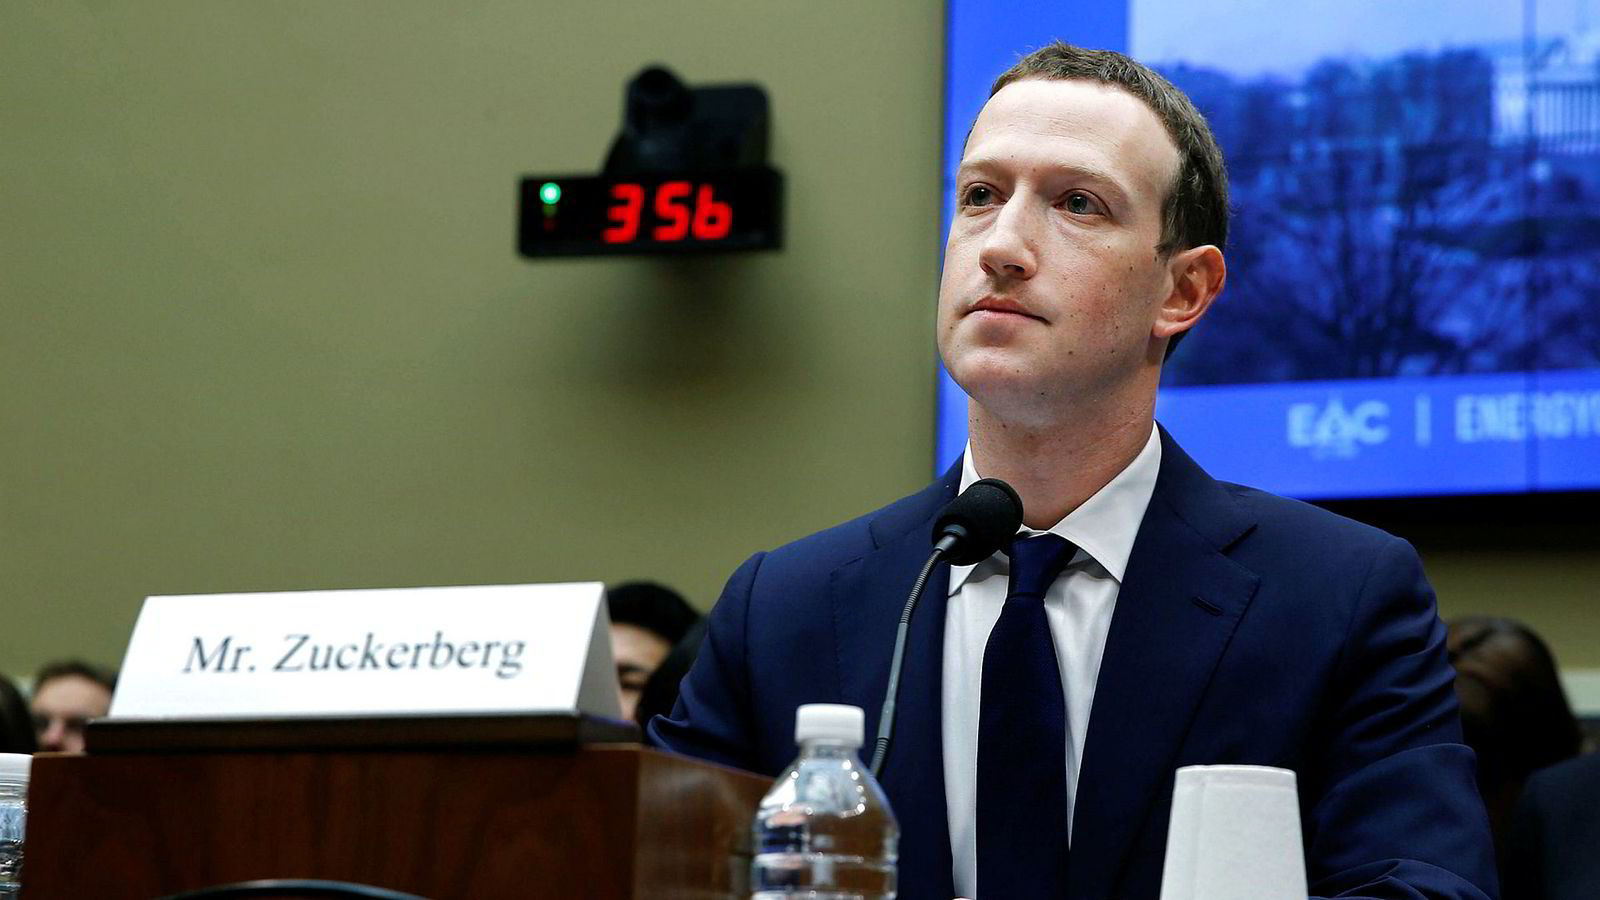 Jeg er ikke blitt mindre bekymret, selv om Faktisk.nos innledning av et samarbeid med Facebook for å bekjempe falske nyheter er positivt, skriver artikkelforfatteren. Her Facebooks konsernsjef Mark Zuckerberg under en høring i Washington i april.